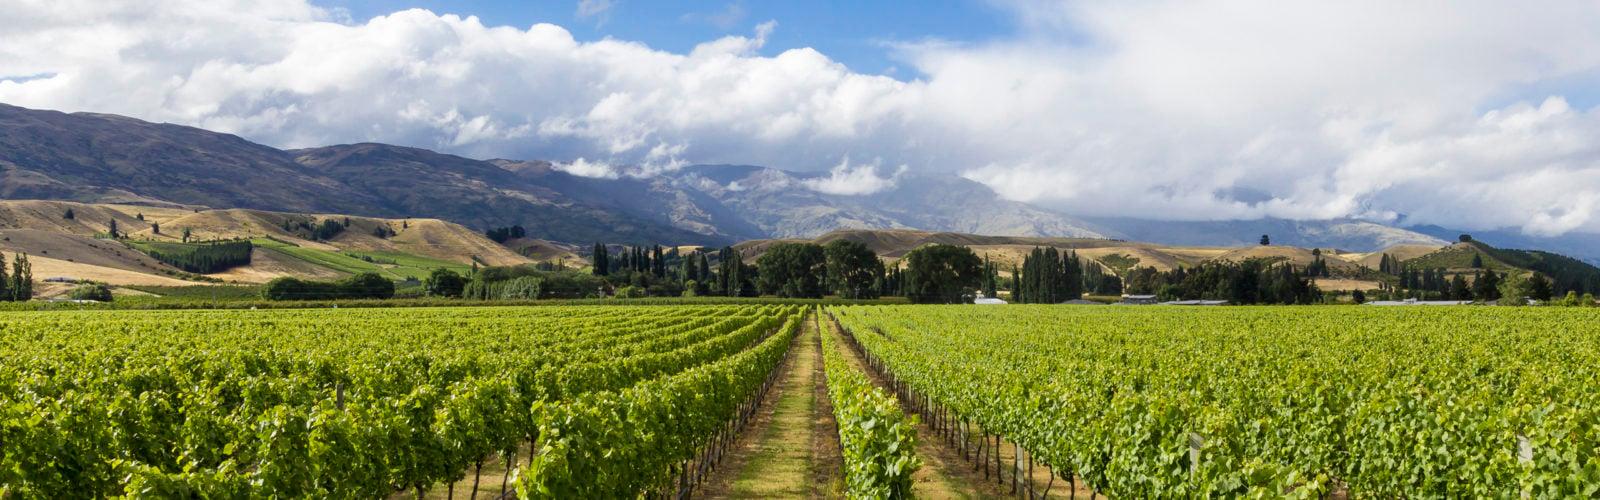 vineyard-cromwell-new-zealand